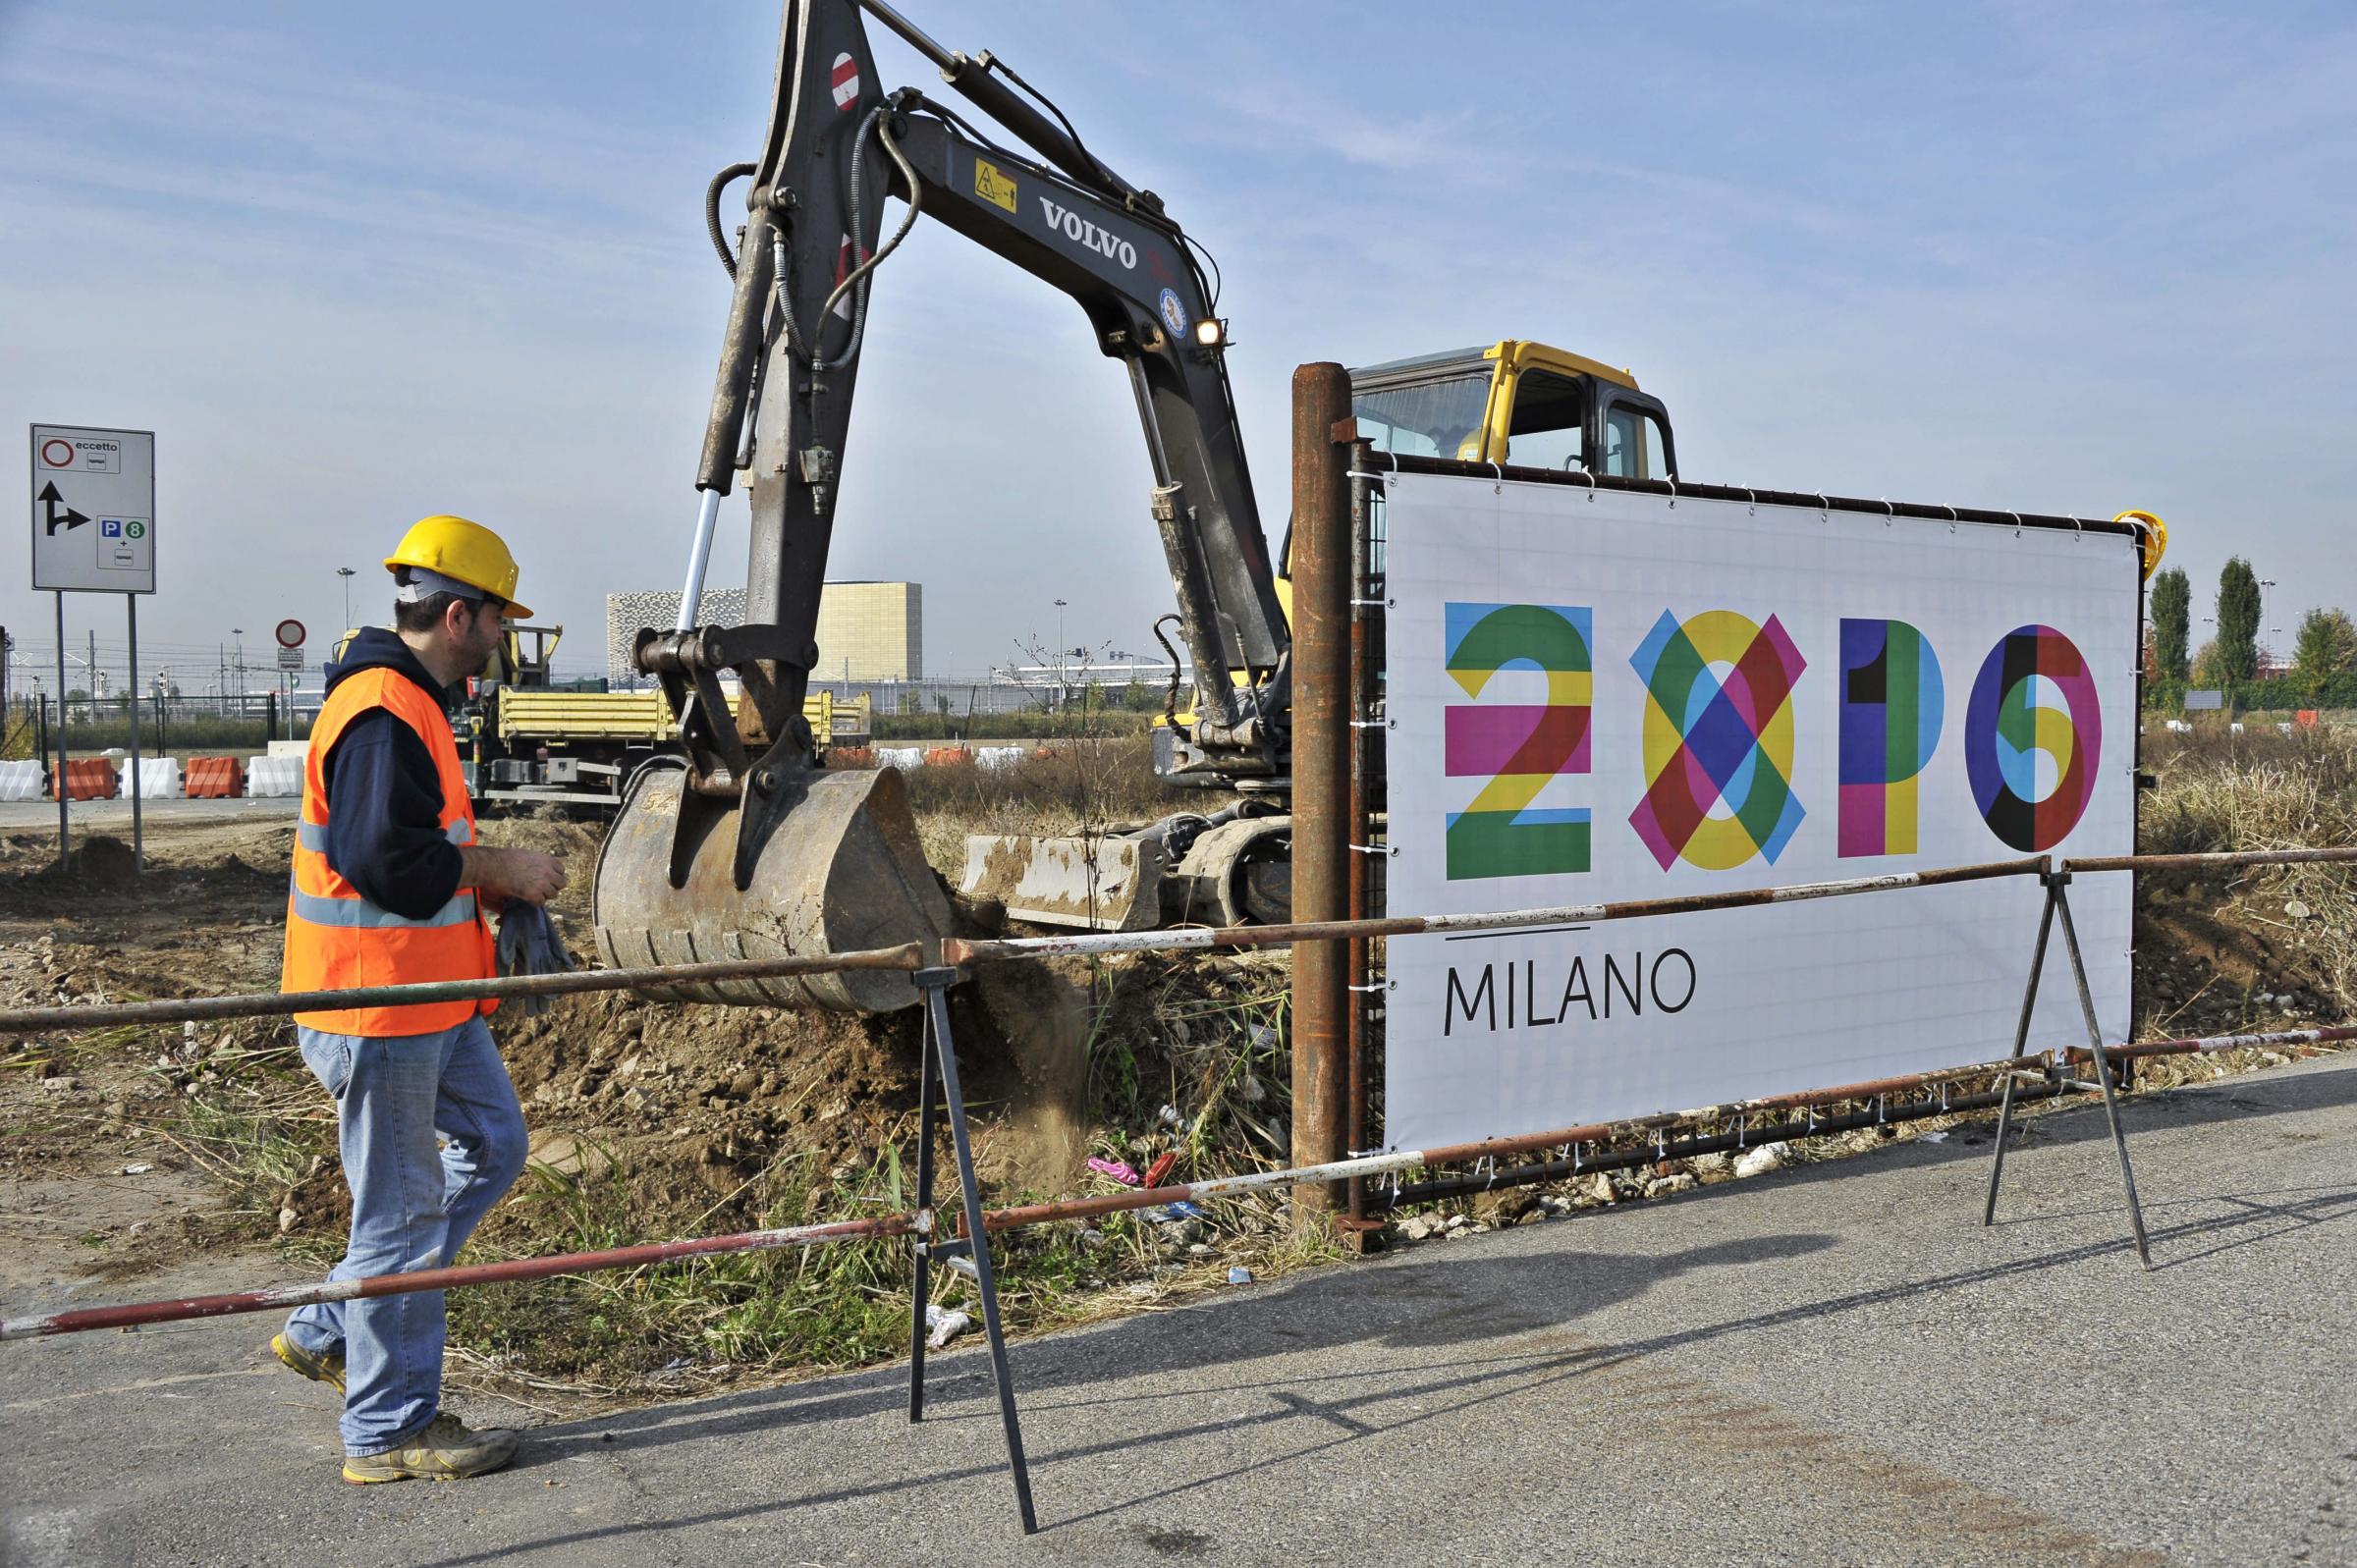 Sala indagato: Expo emblema dell'assenza di trasparenza